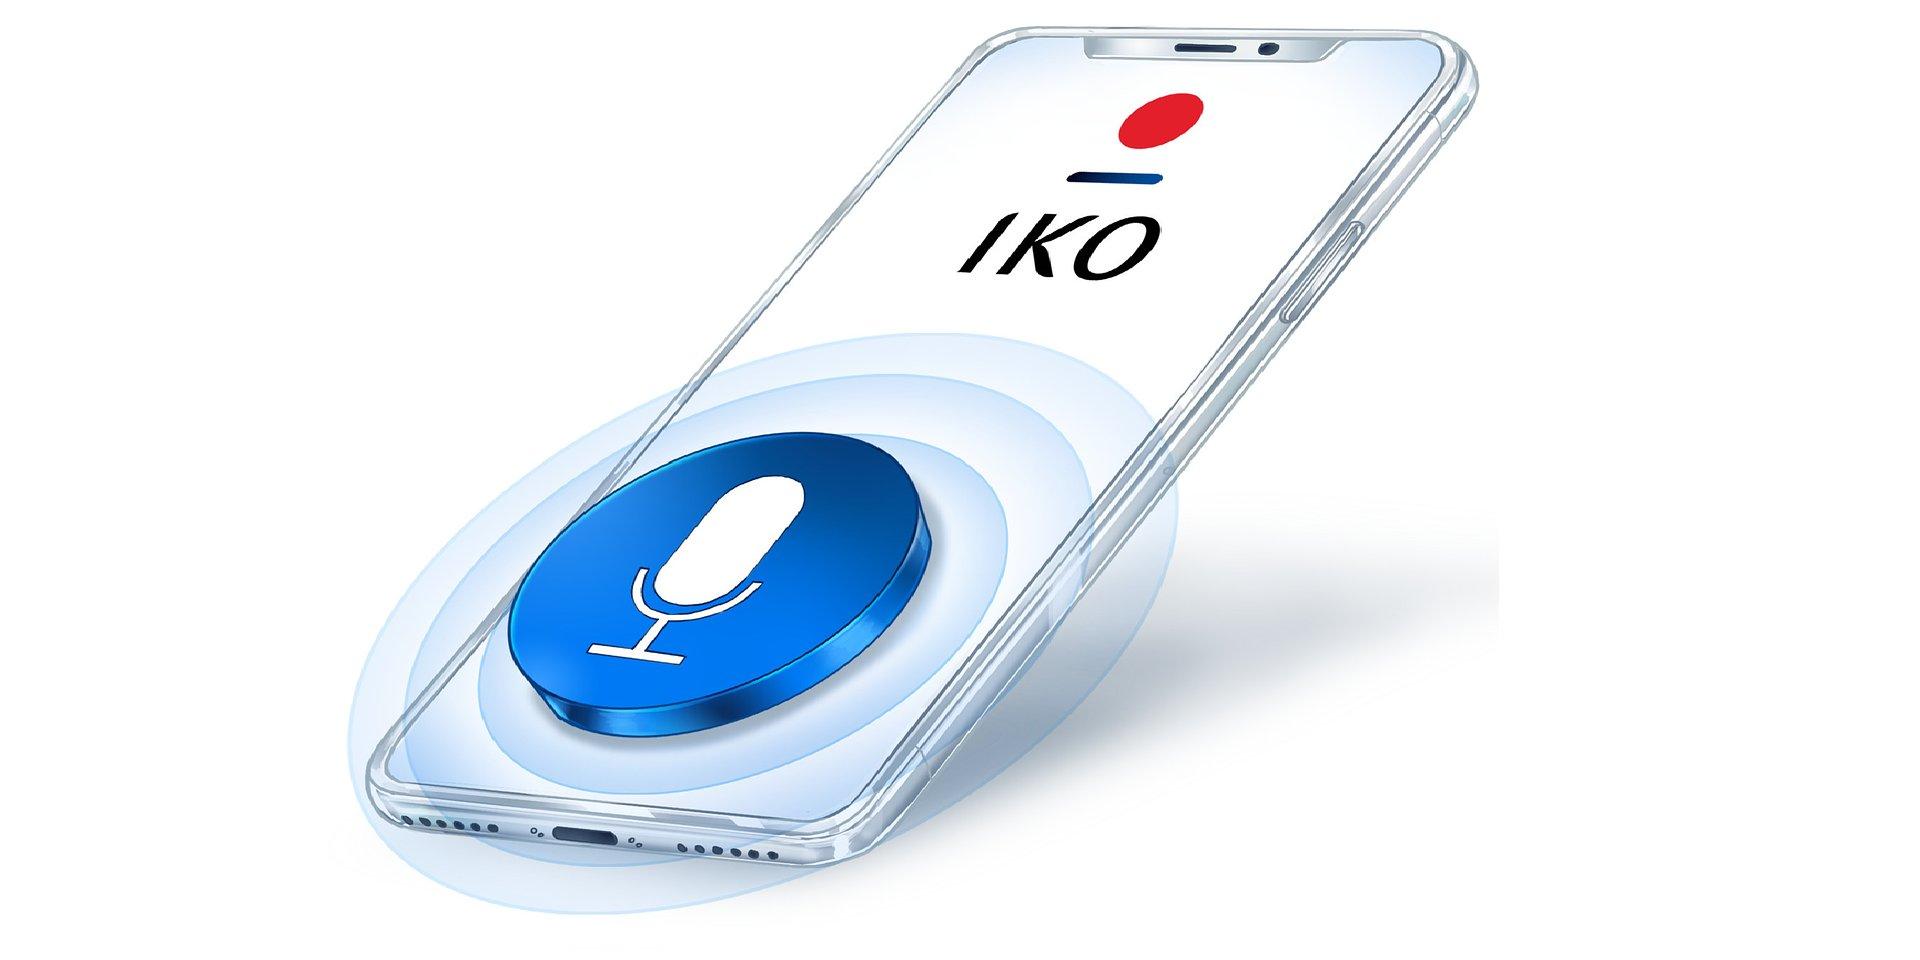 Asystent głosowy już dostępny w IKO!